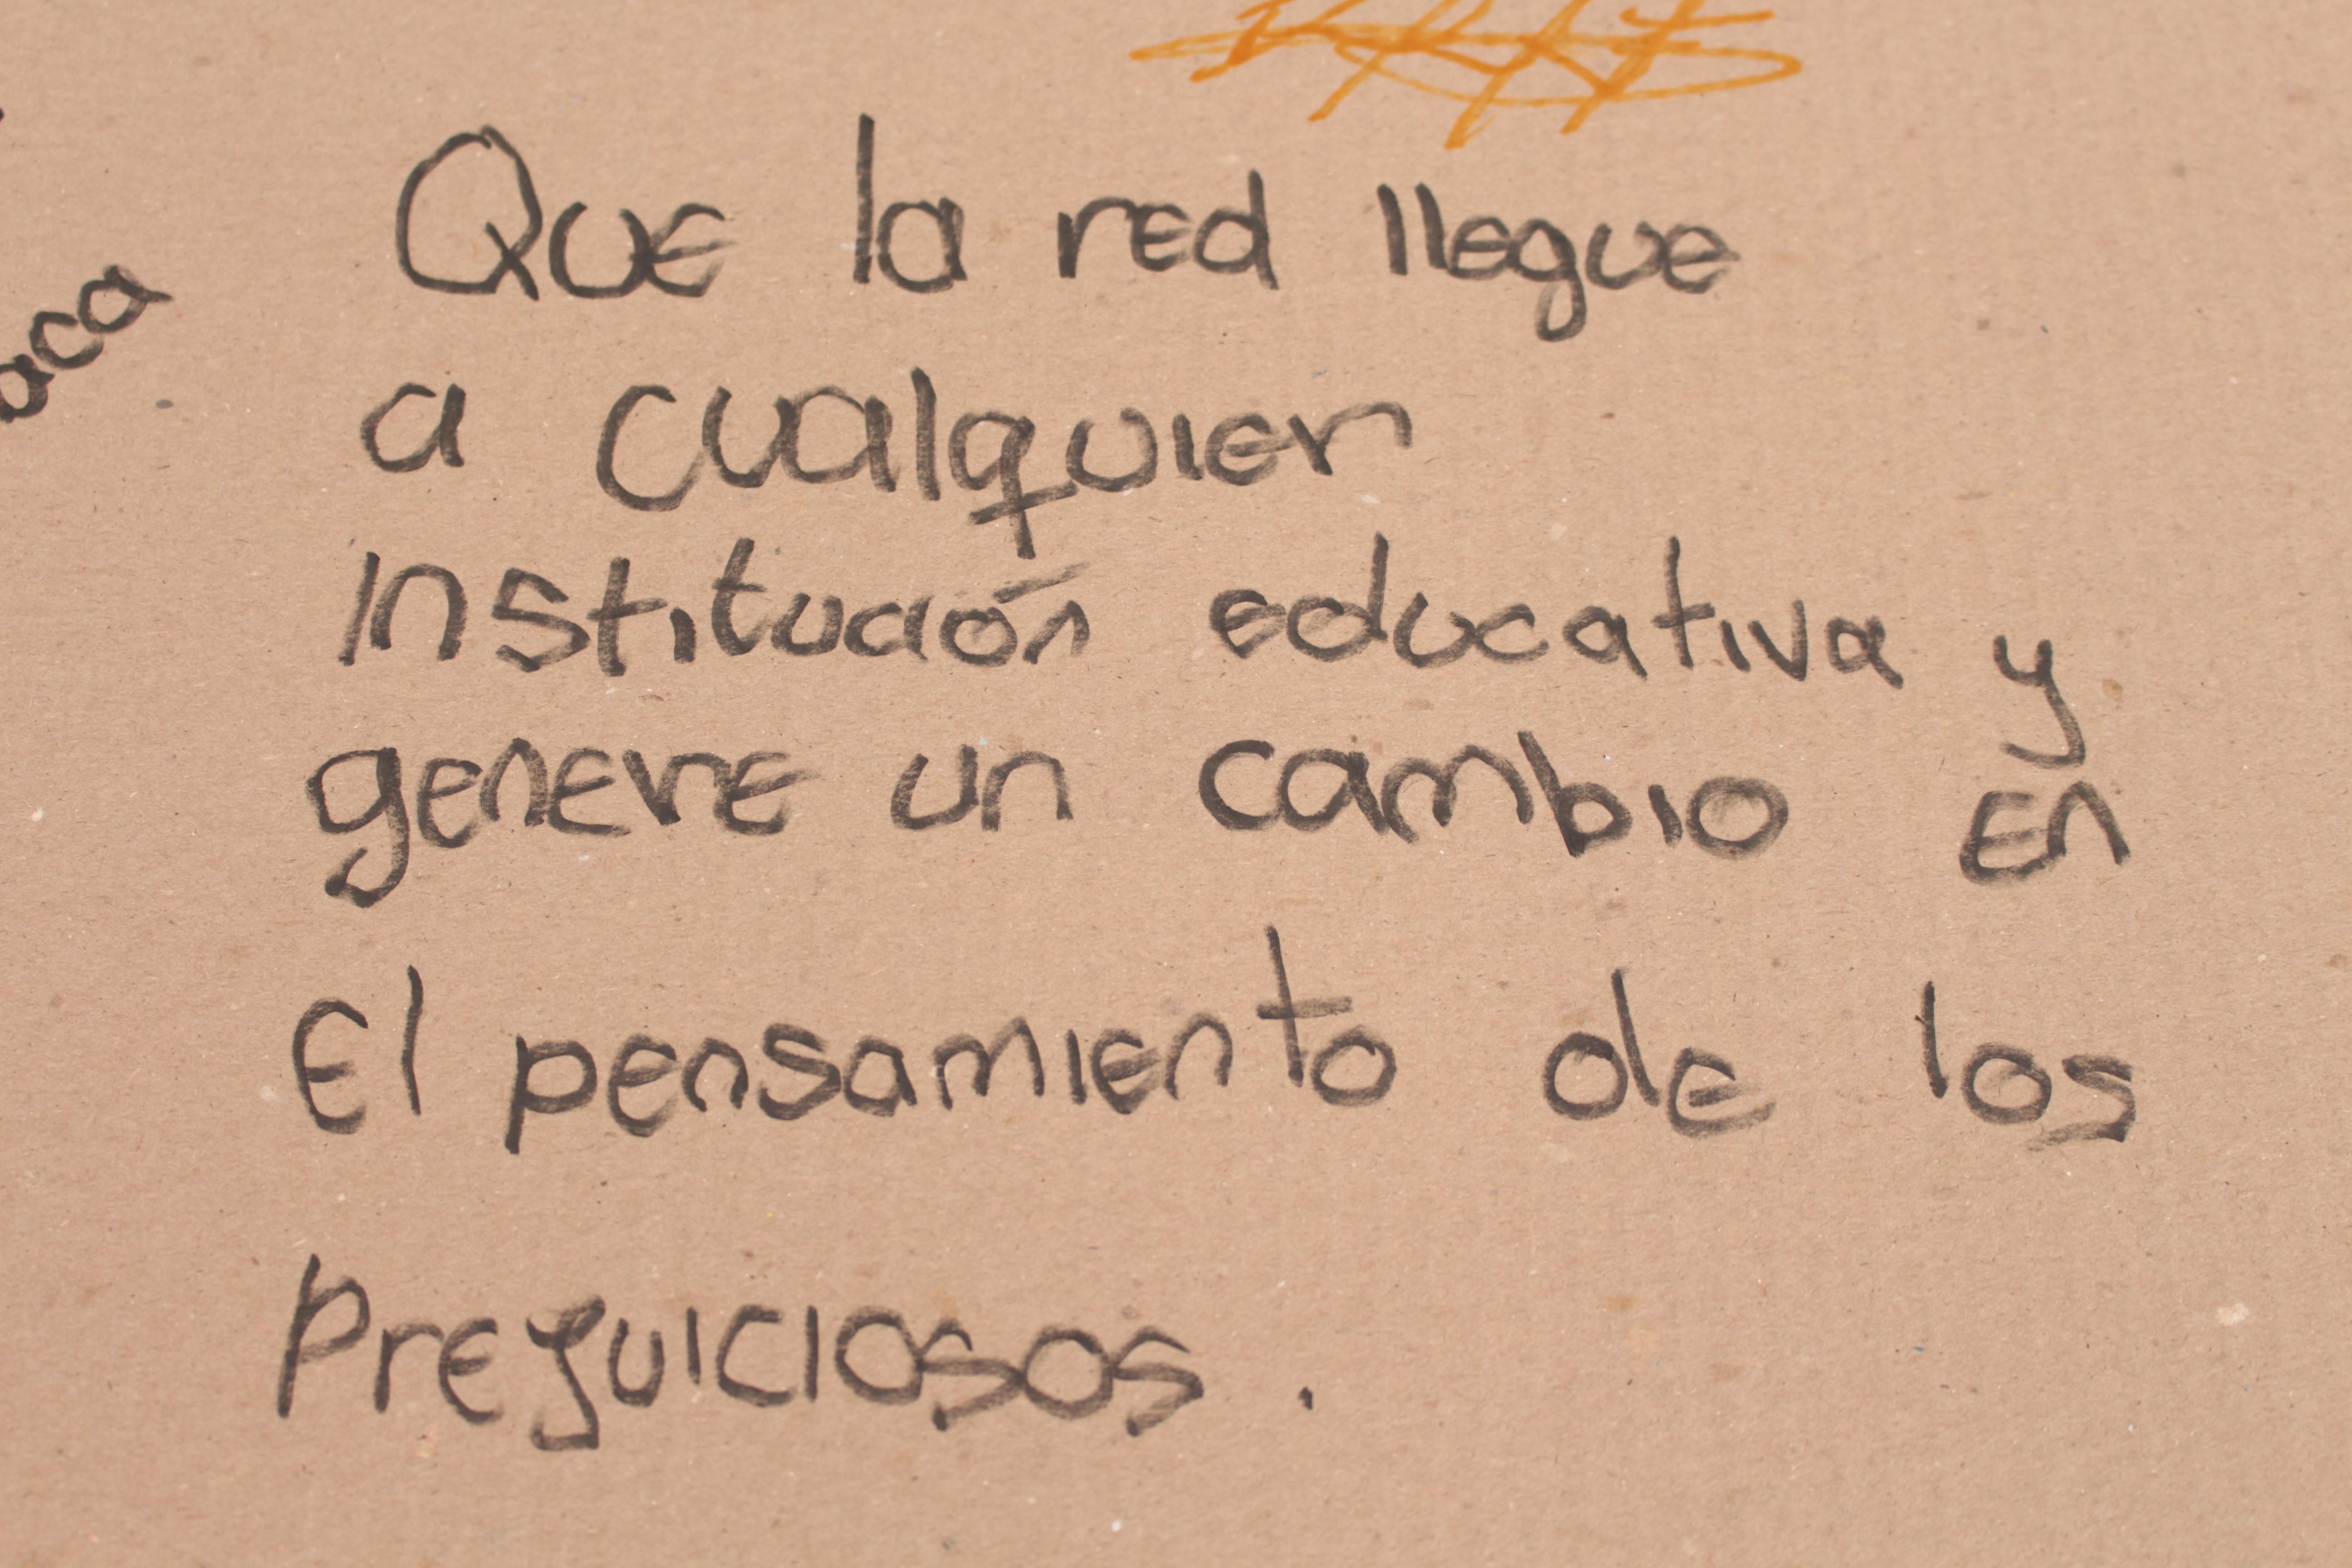 Que la Red llegue a cualquier institución educativa y genere un cambio en el pensamiento de los prejuiciosos